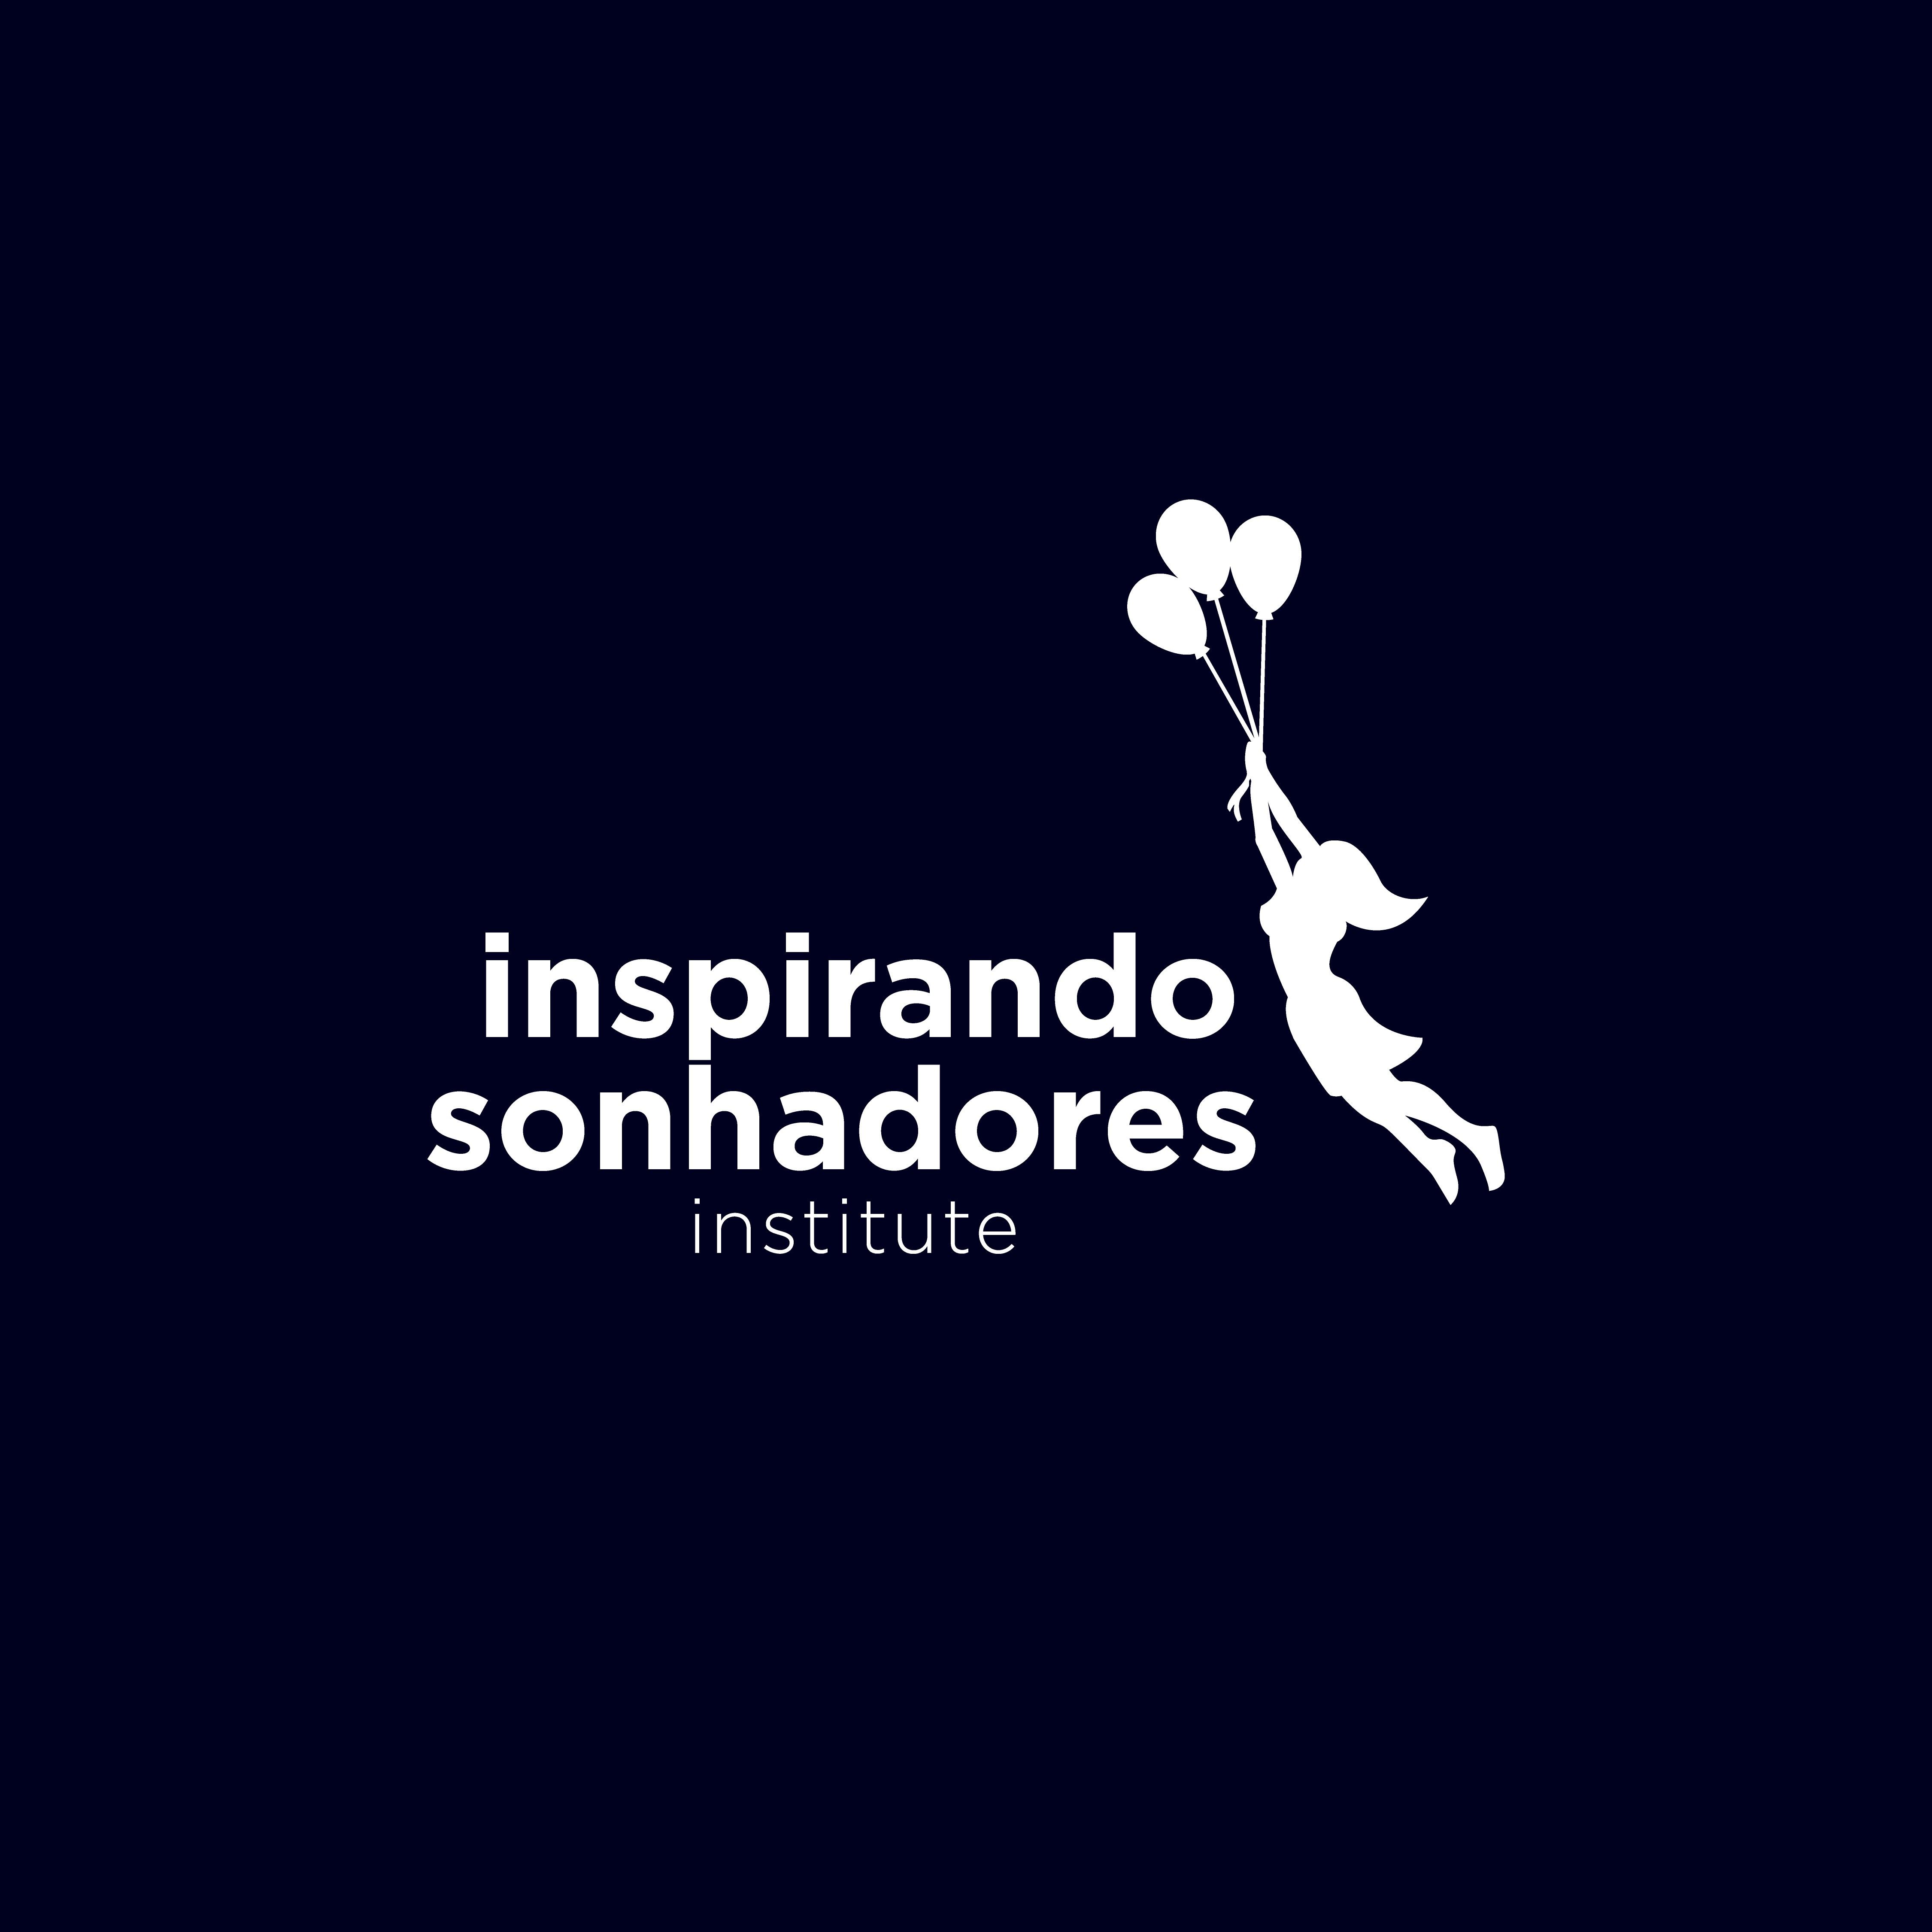 'Instituto Inspirando Sonhadores' promove evento de marketing e empreendedorismo em Caruaru